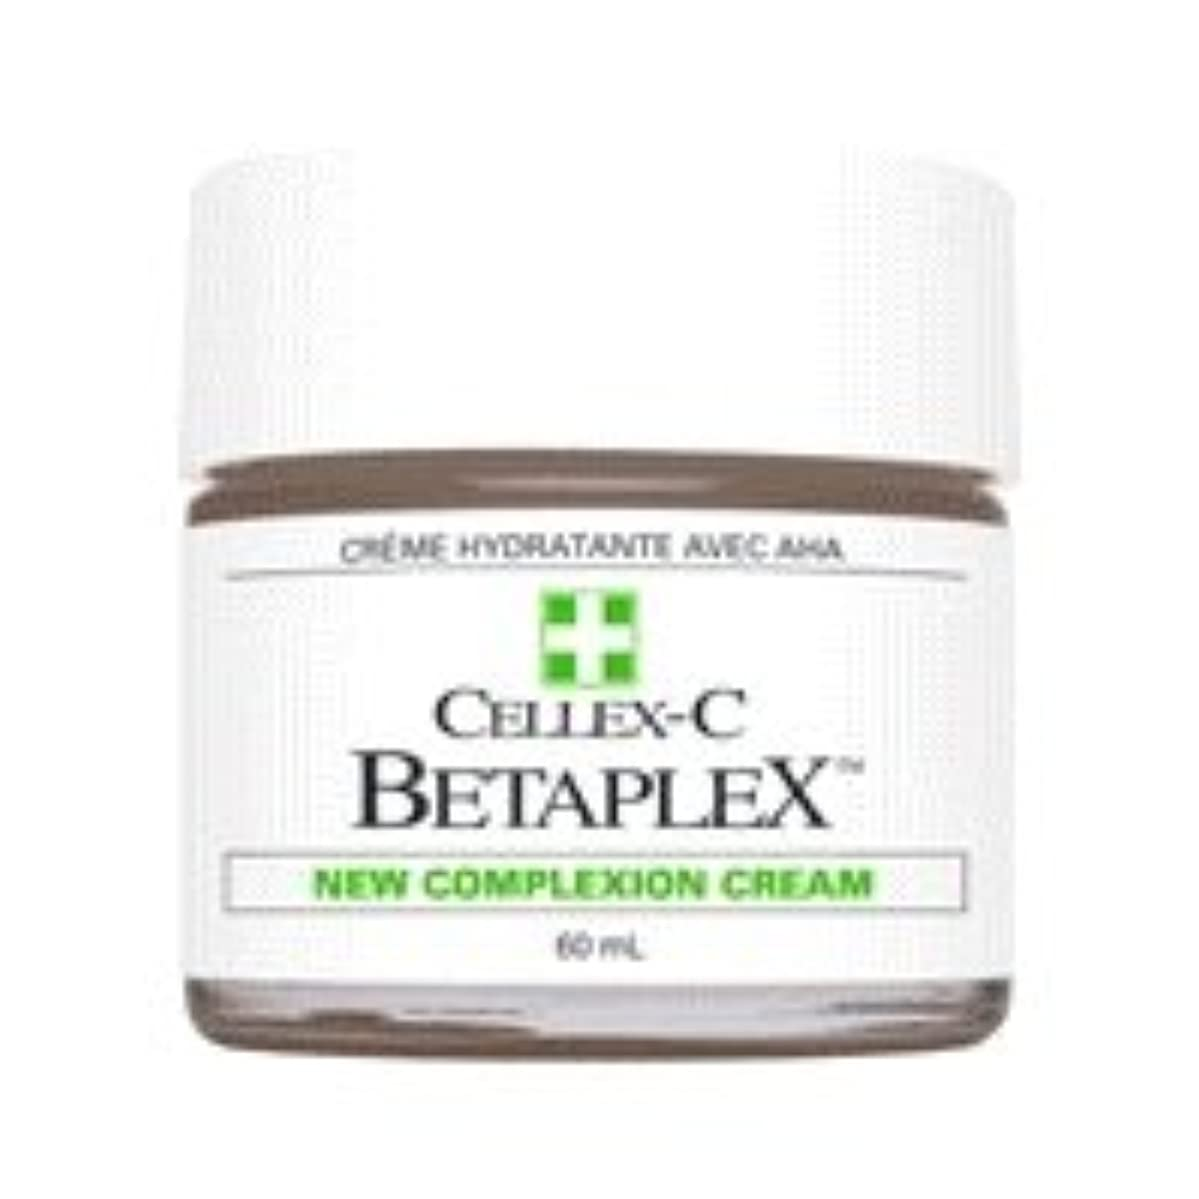 ファックス食堂靄セレックスC Betaplex ニューコンプレクション クリーム 60ml 60ml